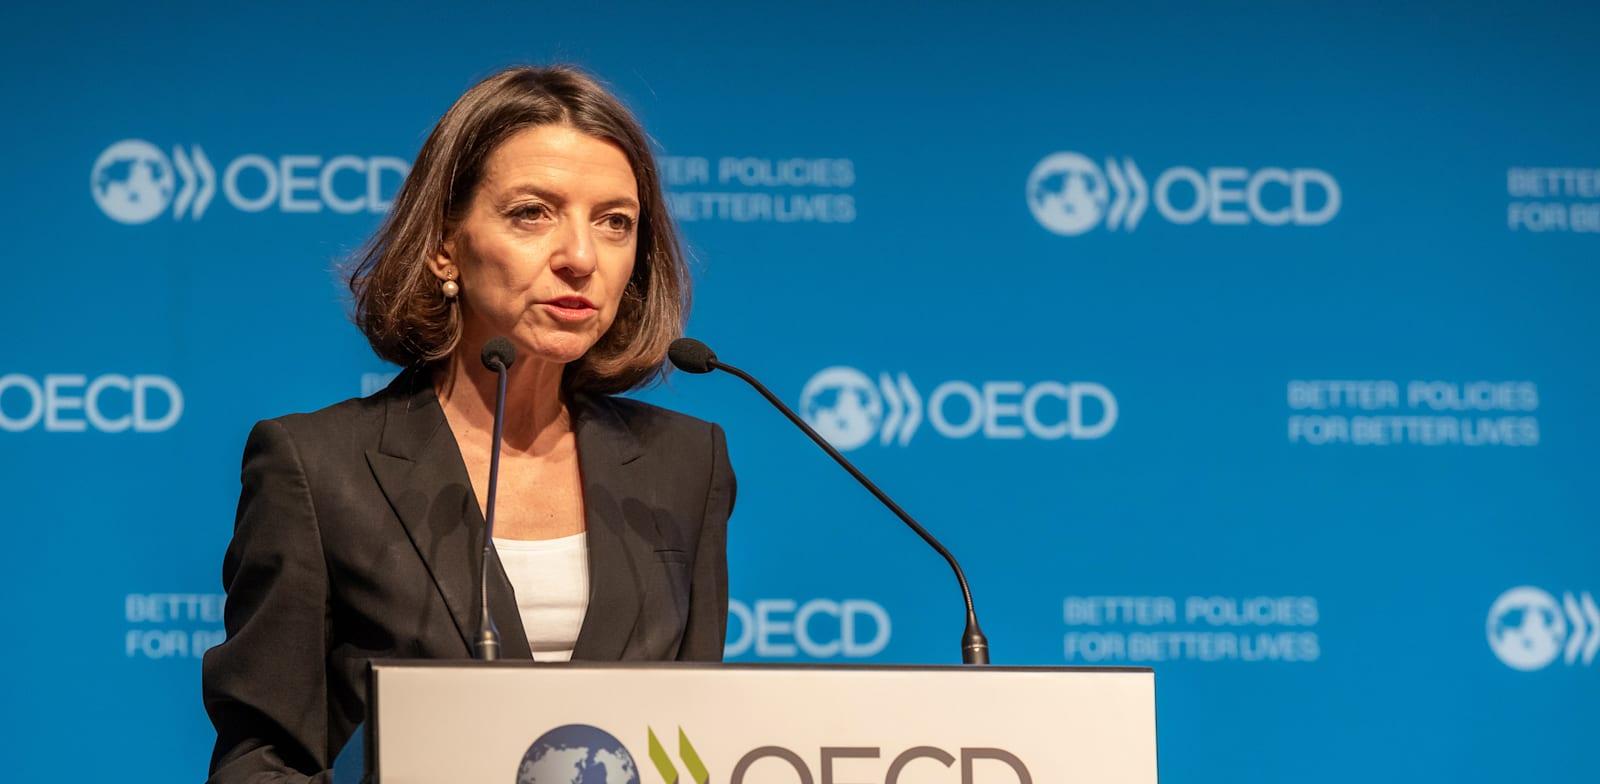 """ד""""ר לורנס בון, הכלכלנית הראשית ב-OECD / צילום: Victor Tonelli - OECD"""